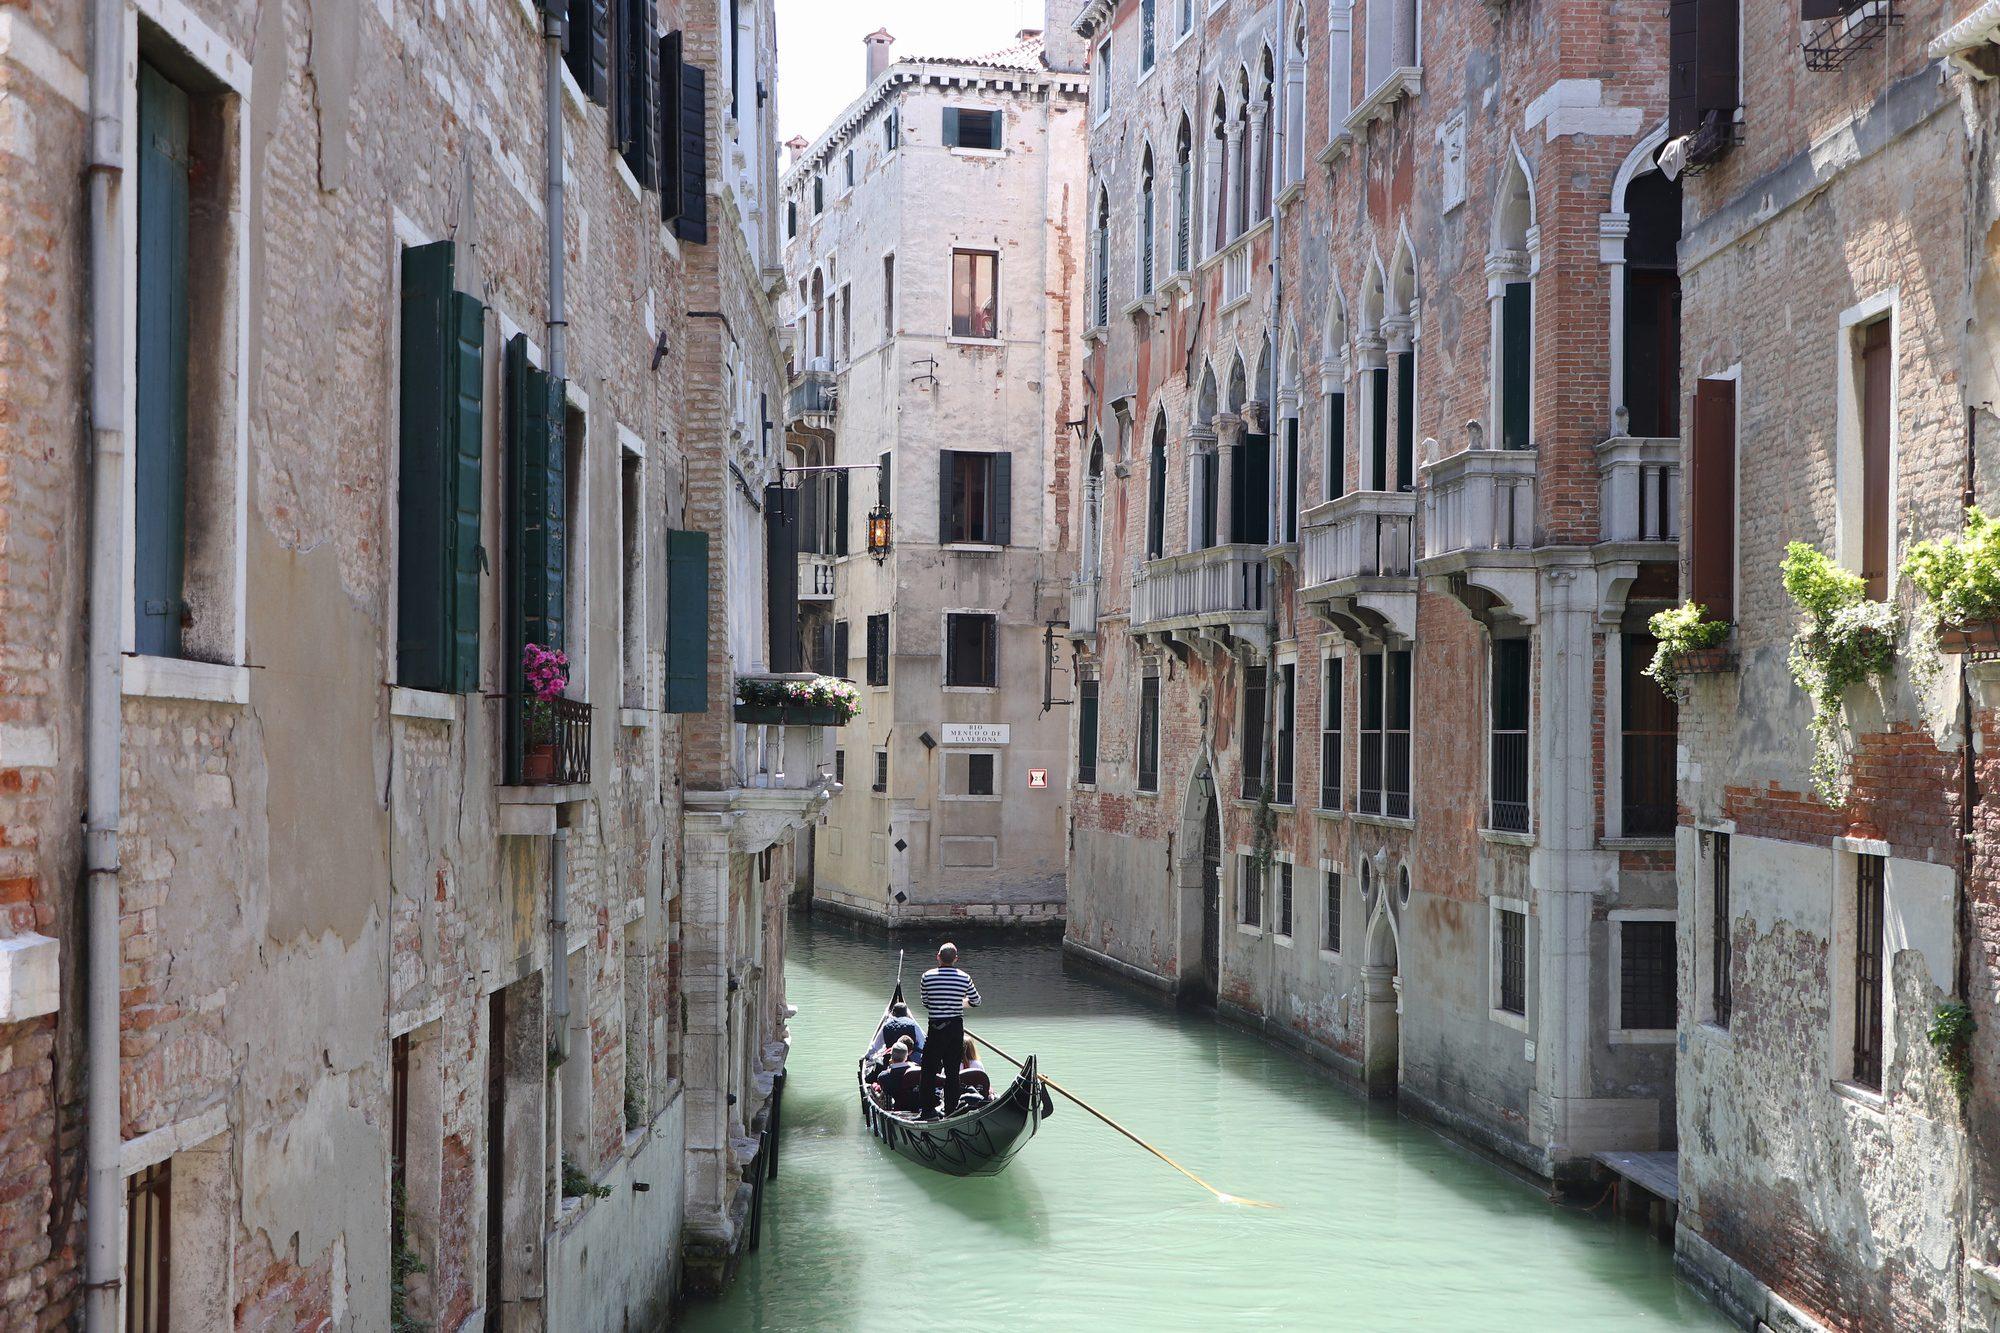 Kanal mit Gondel in Venedig